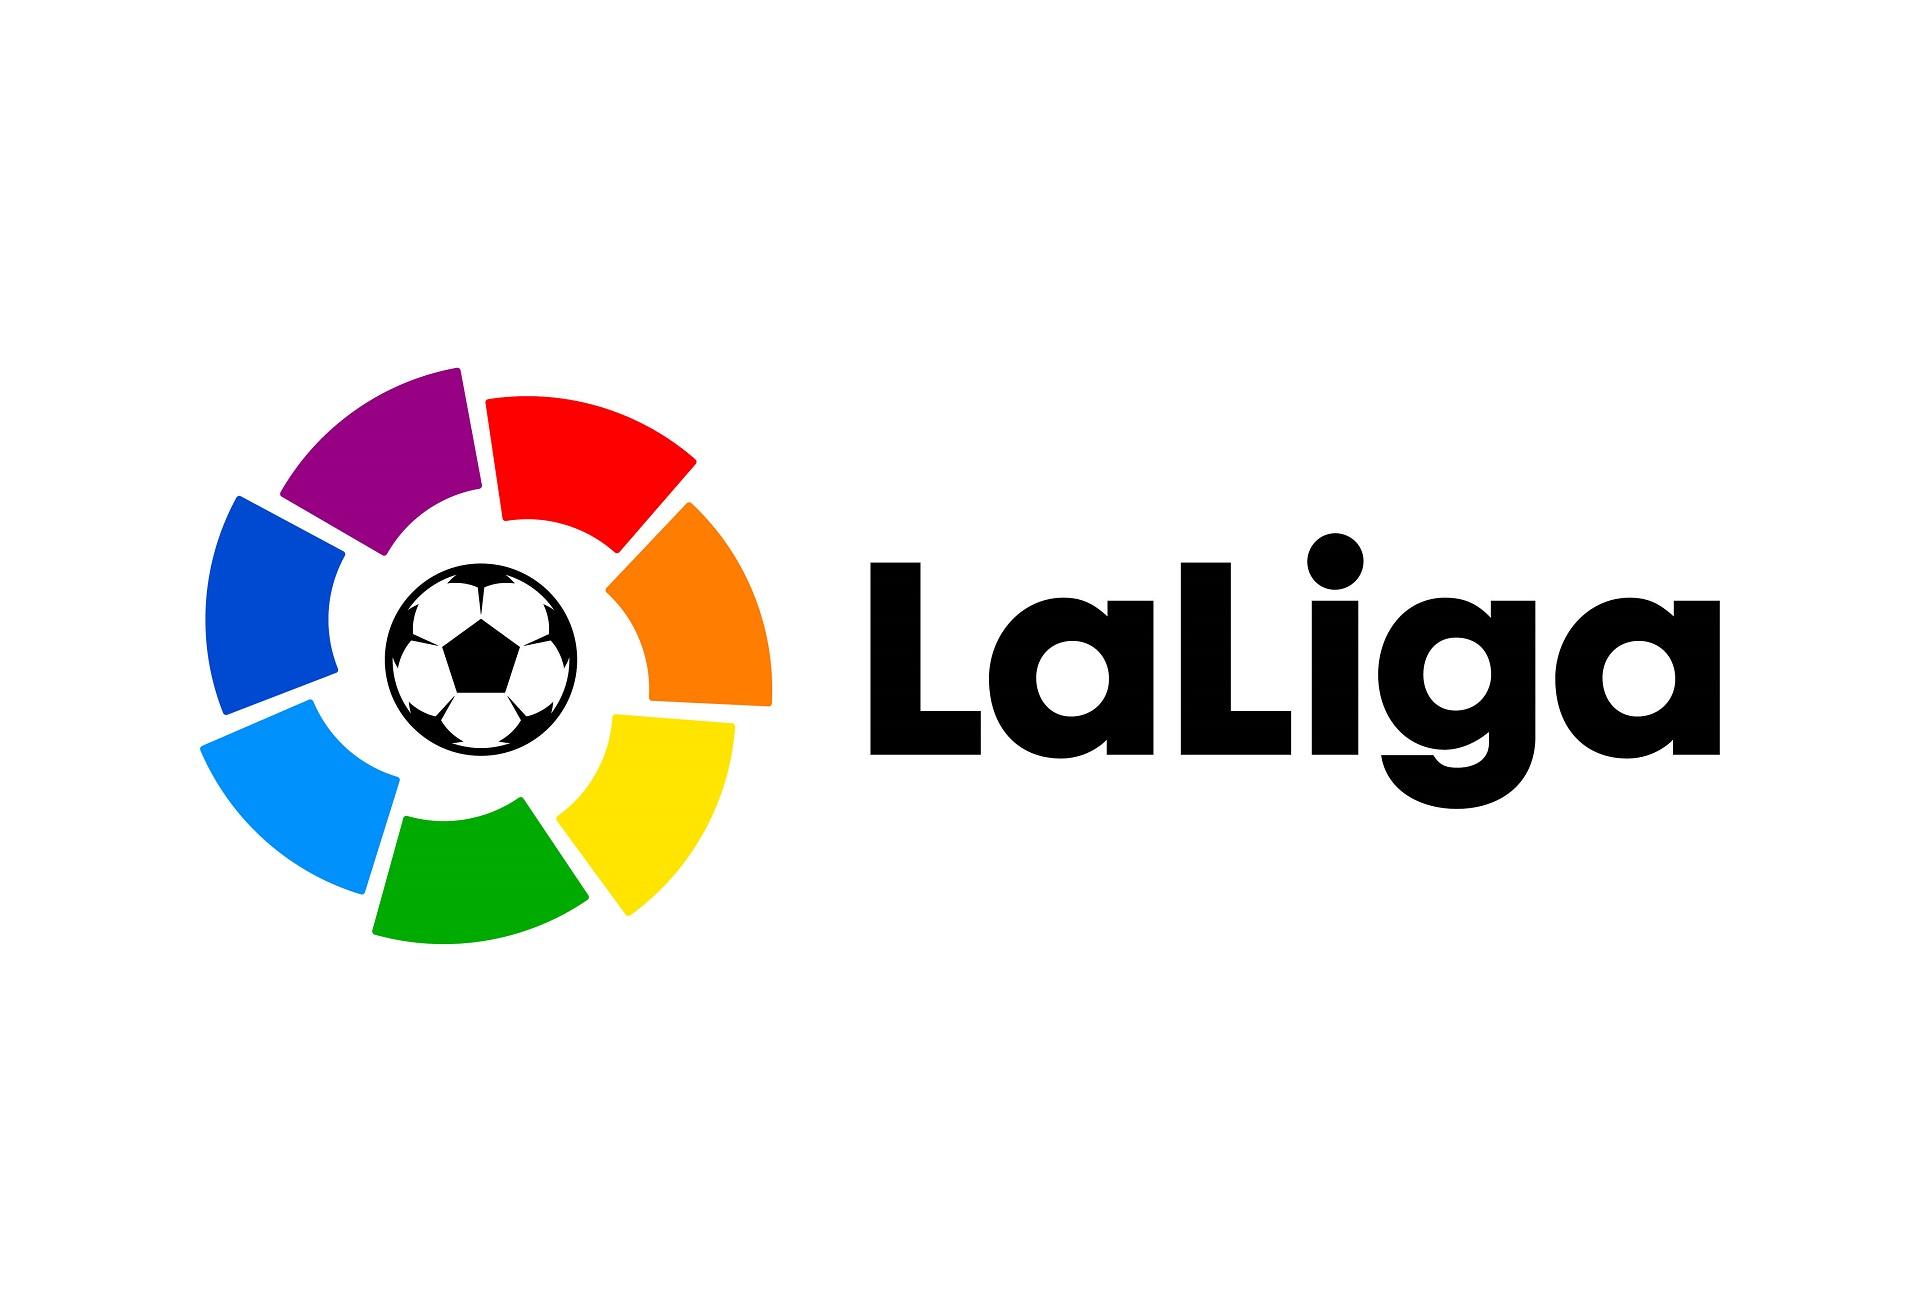 الاتحاد الاسباني لكرة القدم